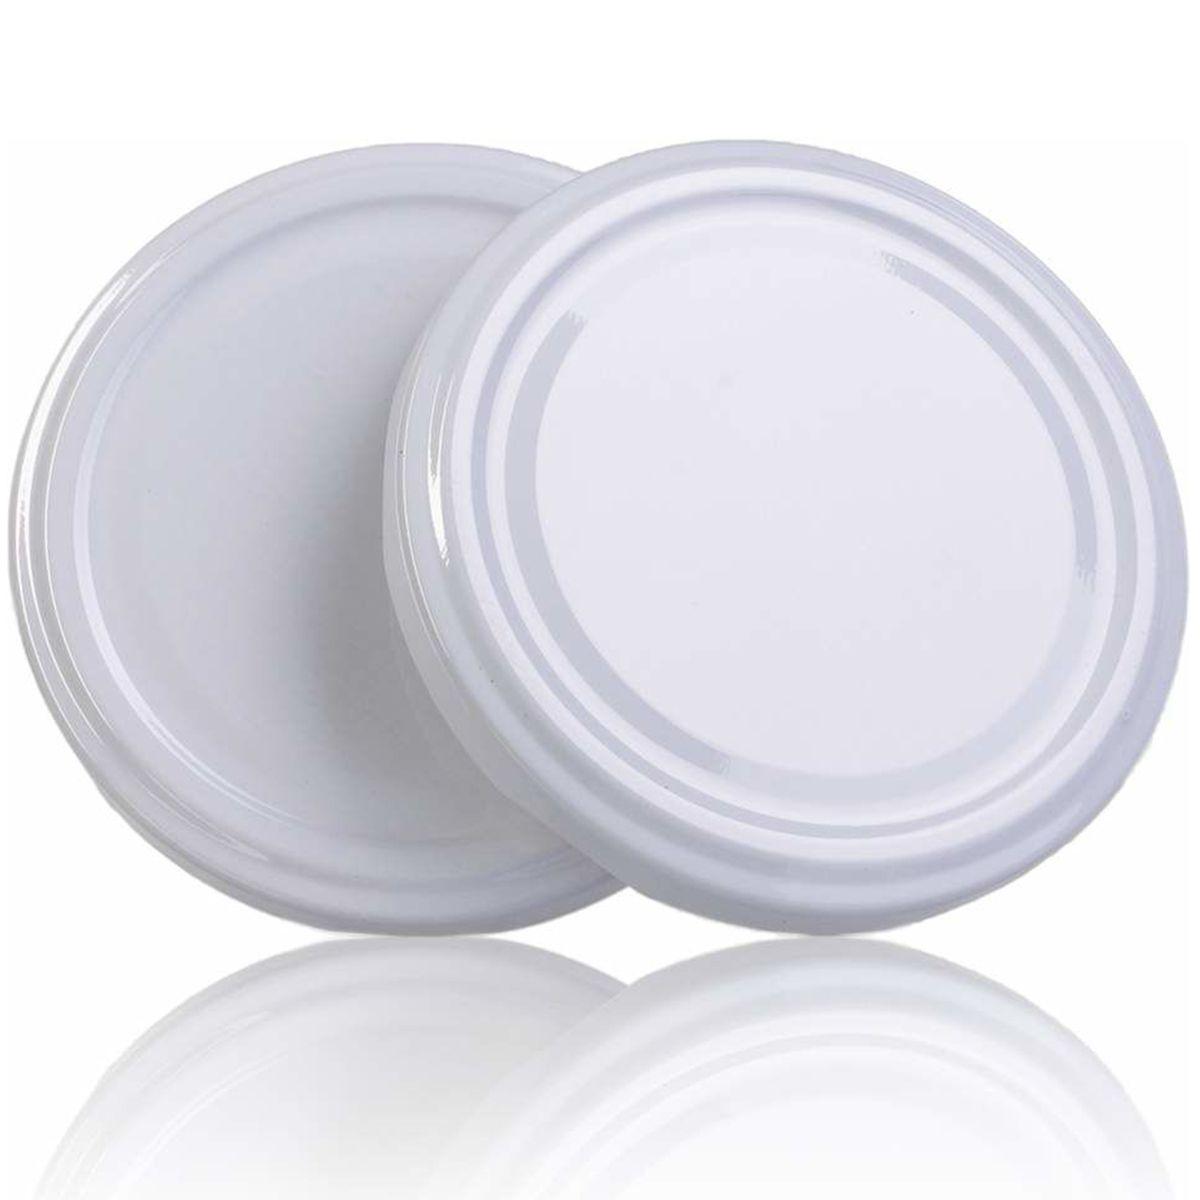 12 Potes De Vidro 360 ml Com Tampa Branca, Para Mel, Geléia.  - EMPÓRIO PACK